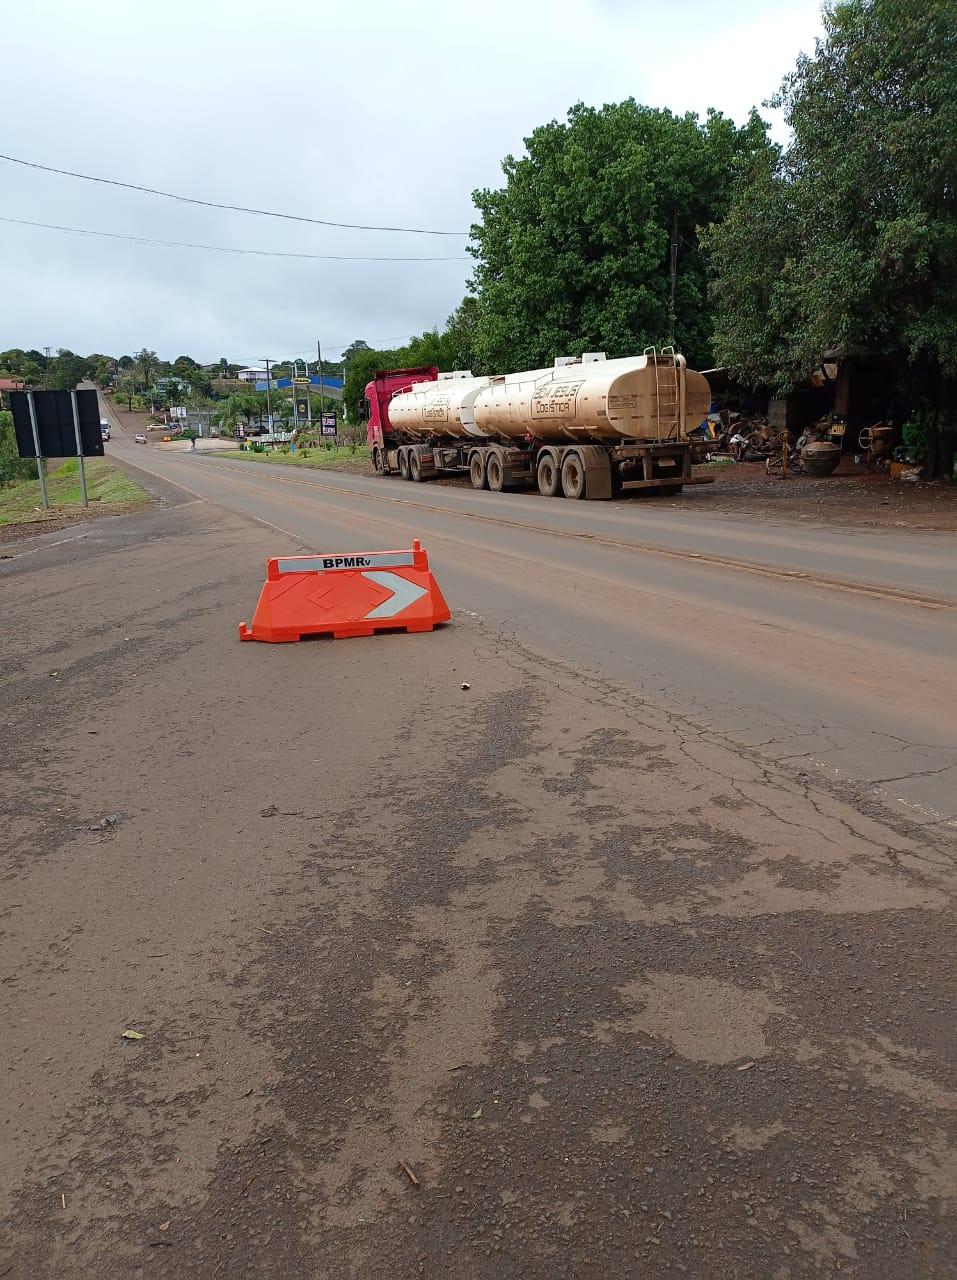 O caminhão foi flagrado pela Polícia Militar Rodoviária de Santa Catarina - PMRv/Divulgação